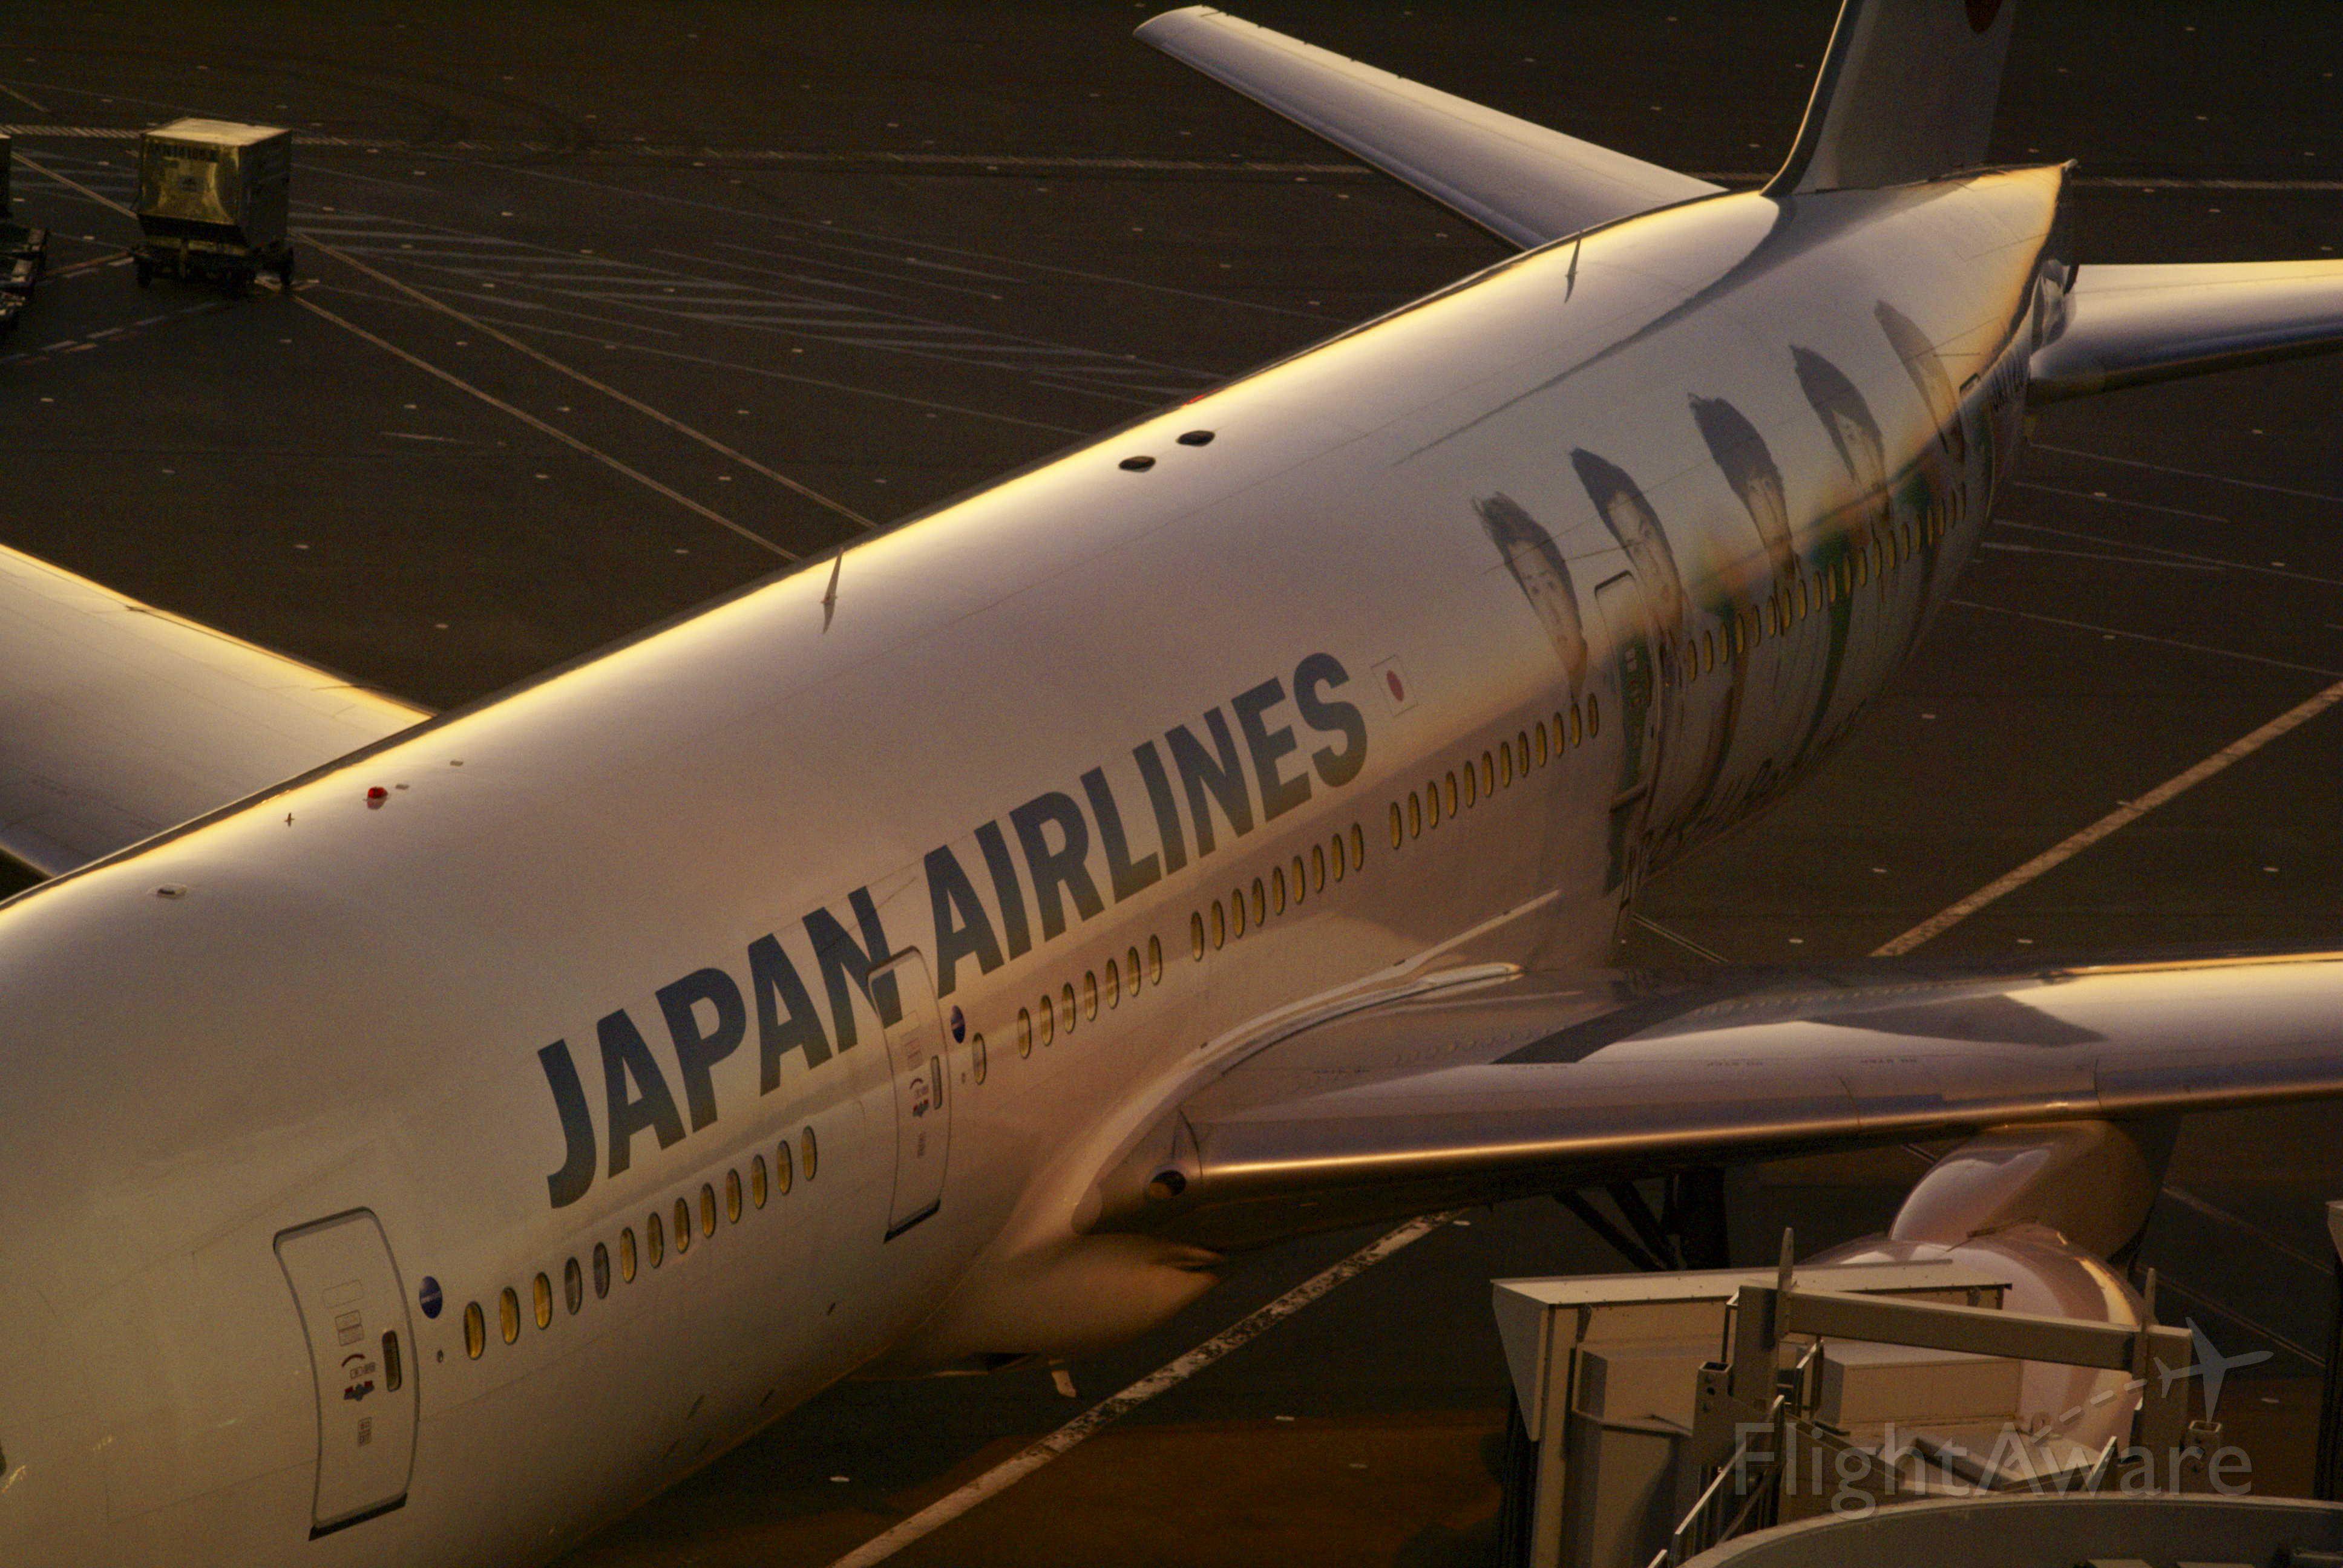 Boeing 777-200 (JA772J)